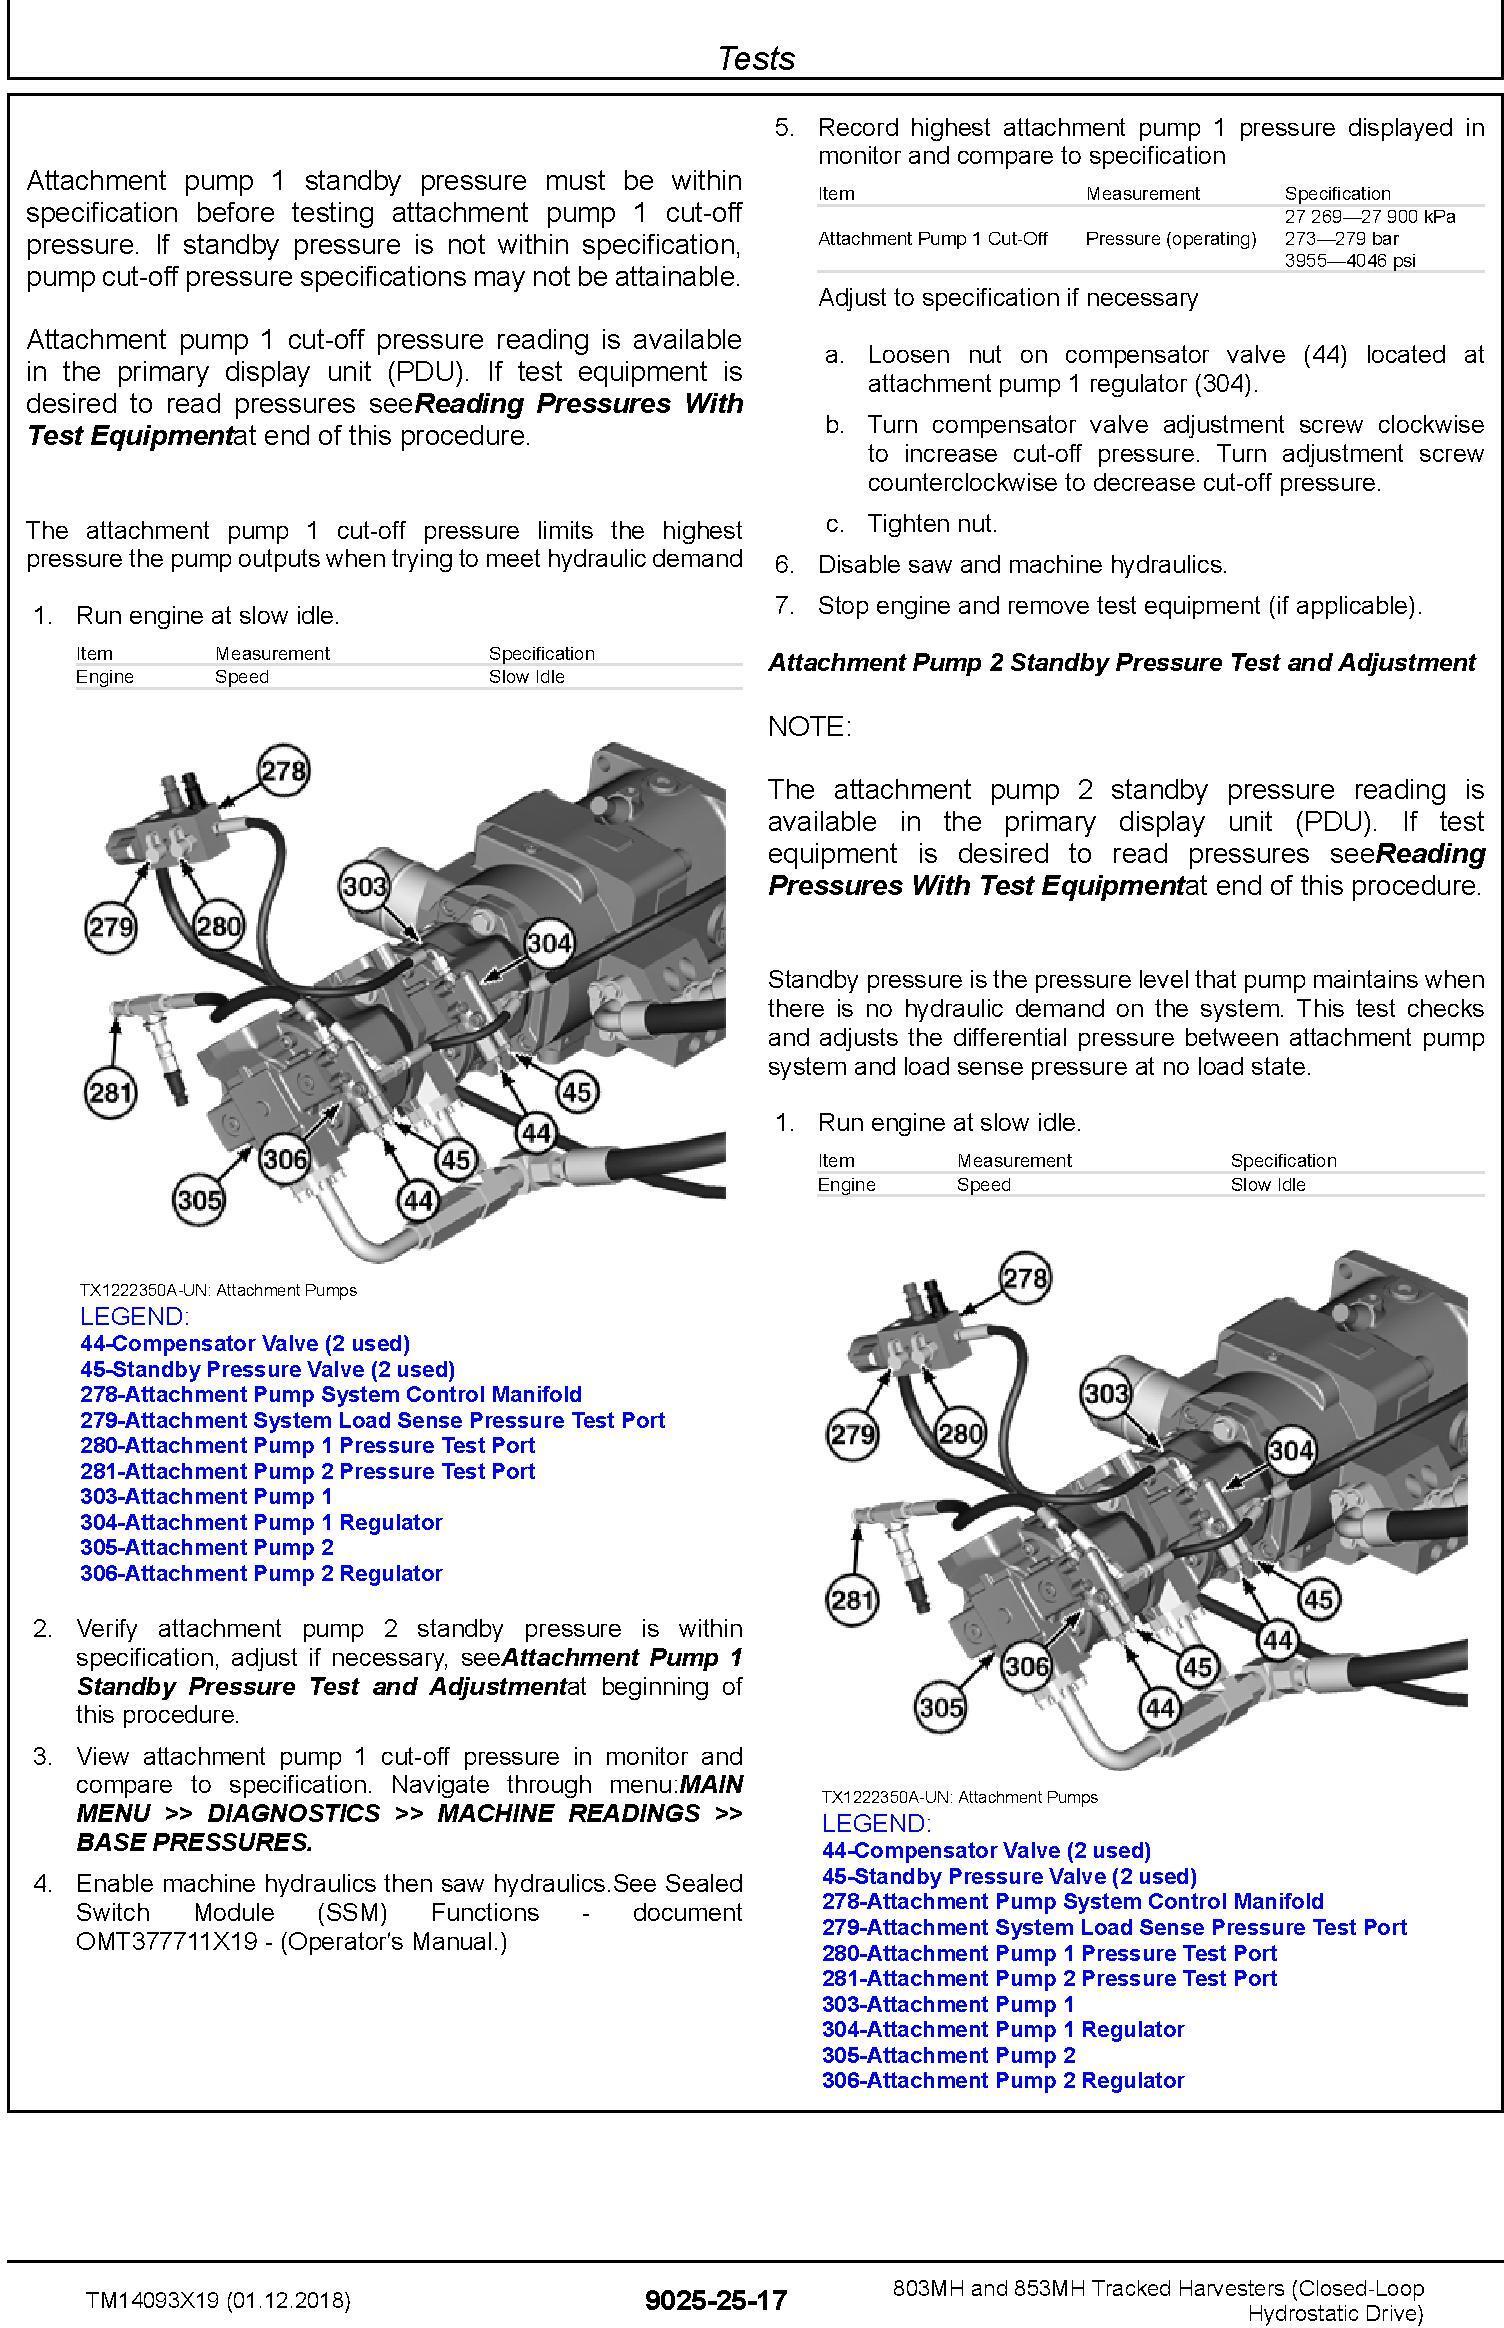 John Deere 803MH,853MH (SN. F293917-,L343918-) Harvesters (Closed-Loop) Diagnostic Manual TM14093X19 - 3